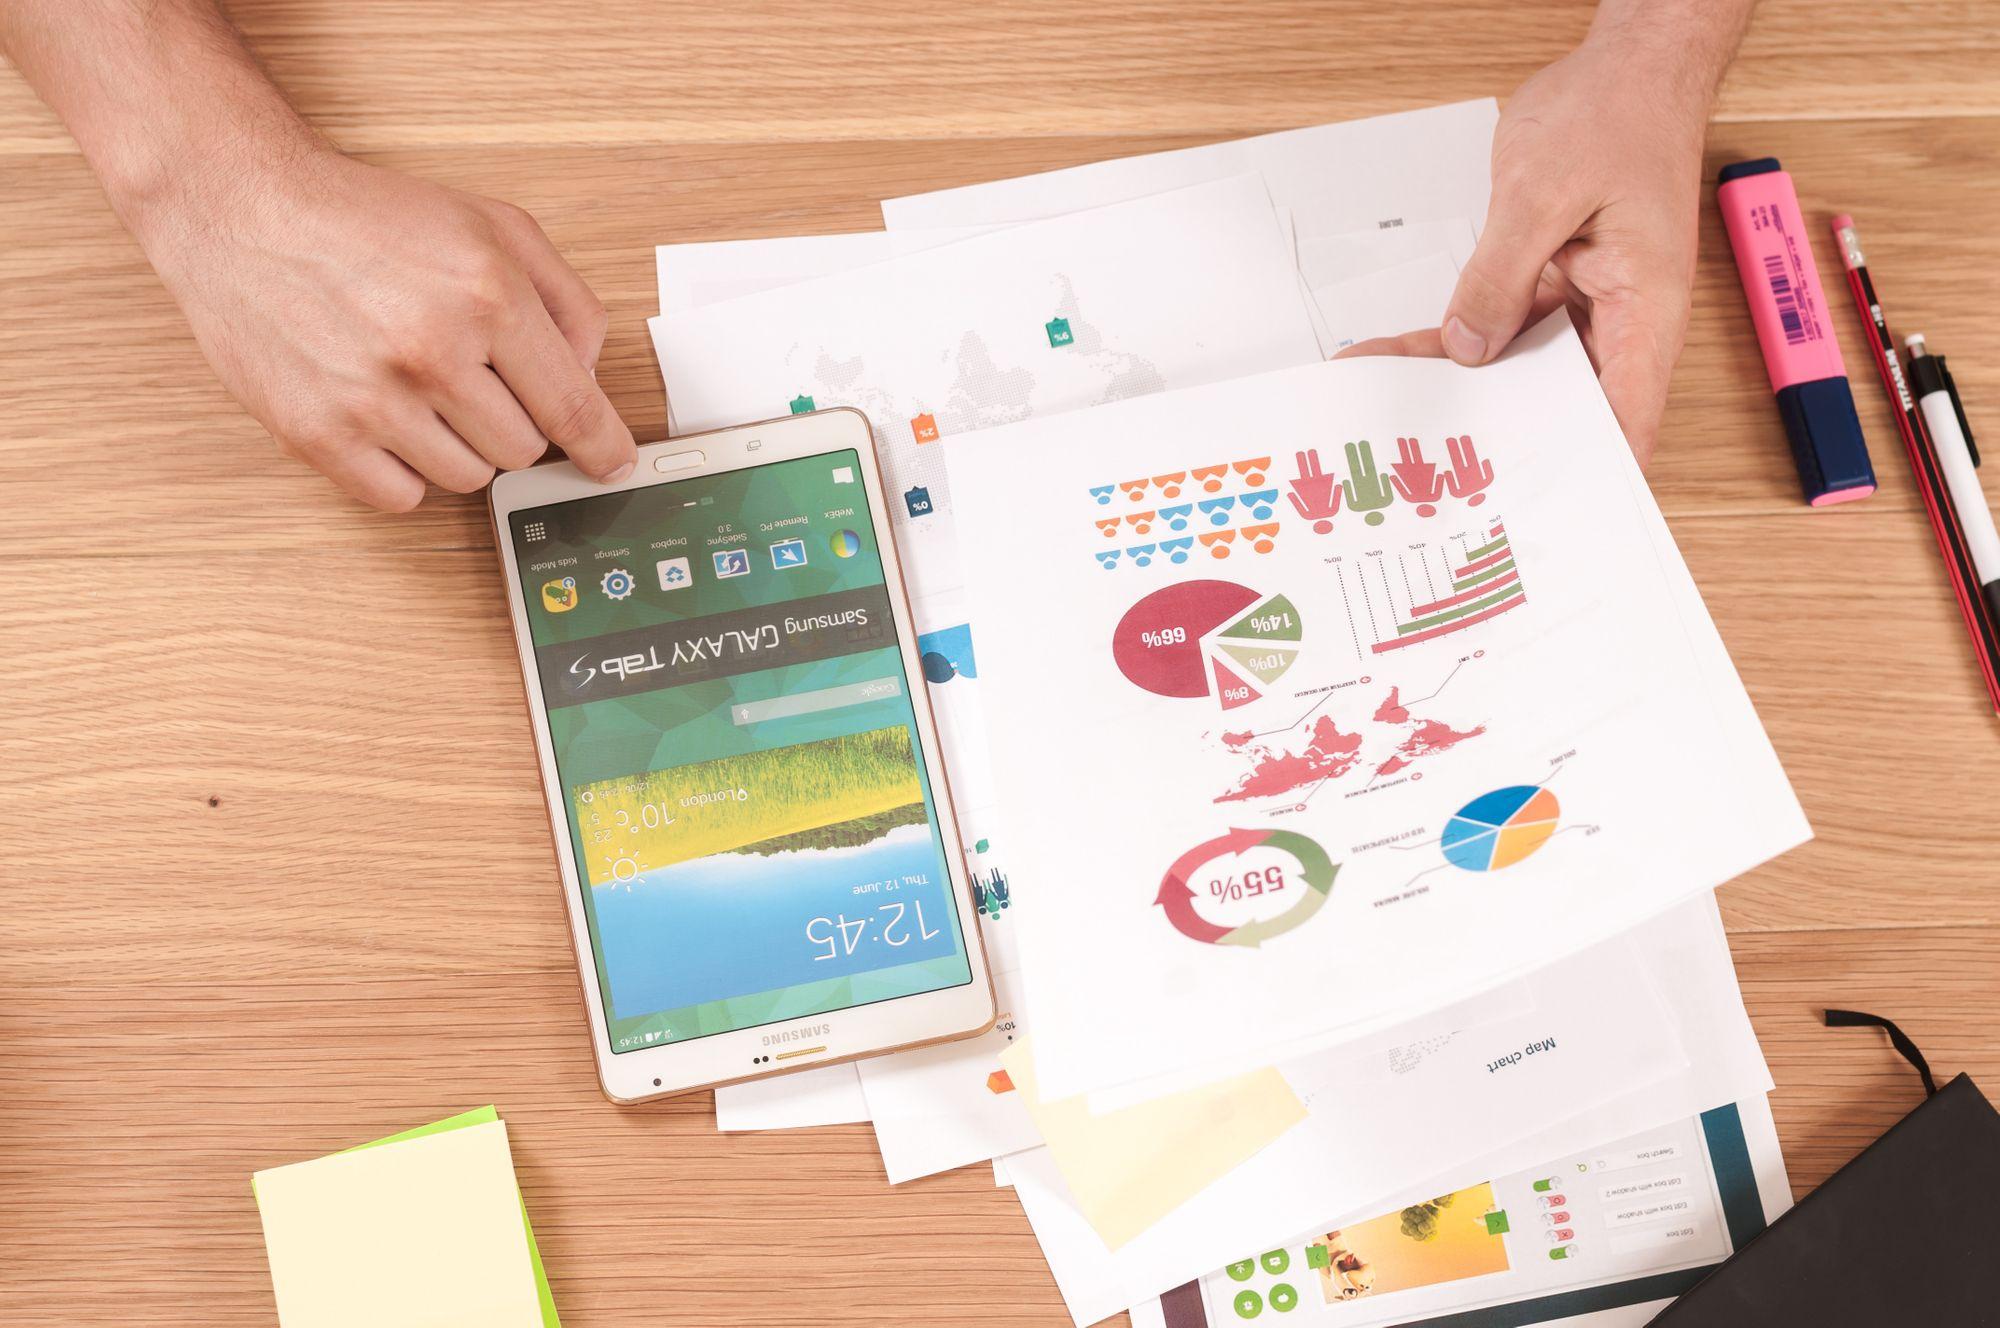 Pesquisa quantitativa e qualitativa: qual é a melhor opção?